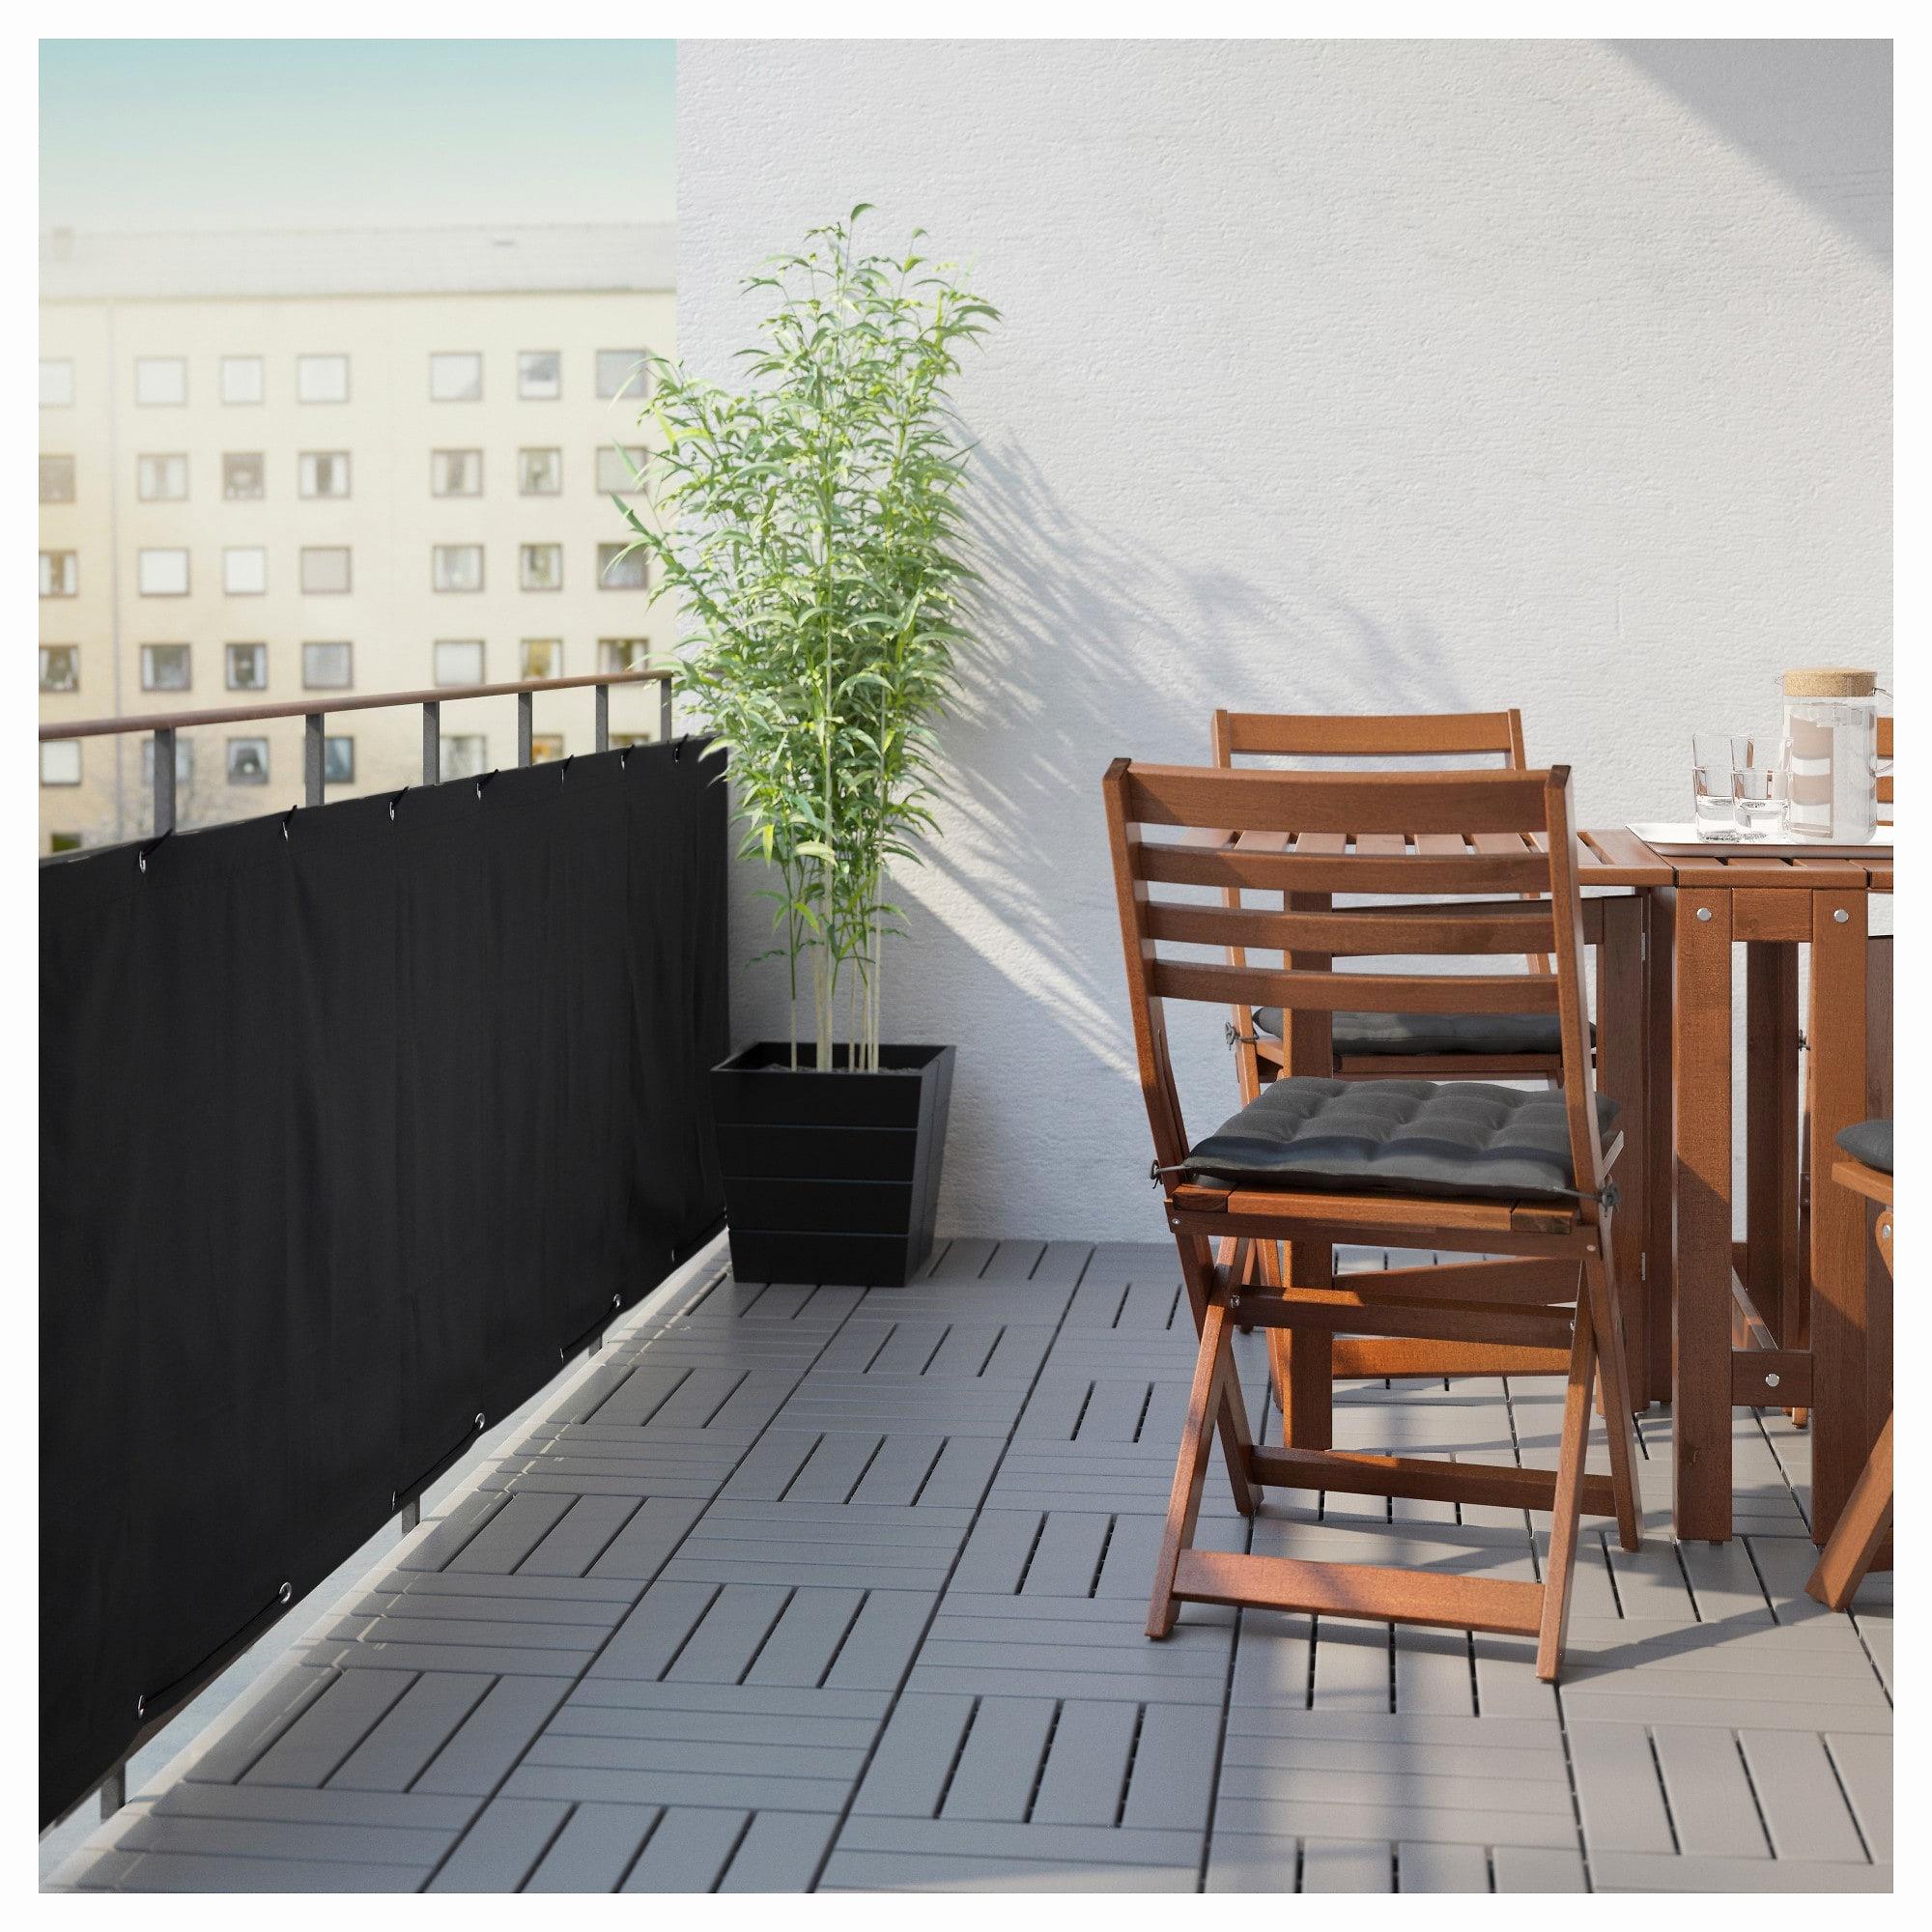 Meuble Balcon Castorama Élégant Galerie Paravent Retractable Castorama Impressionnant Paravent Balcon